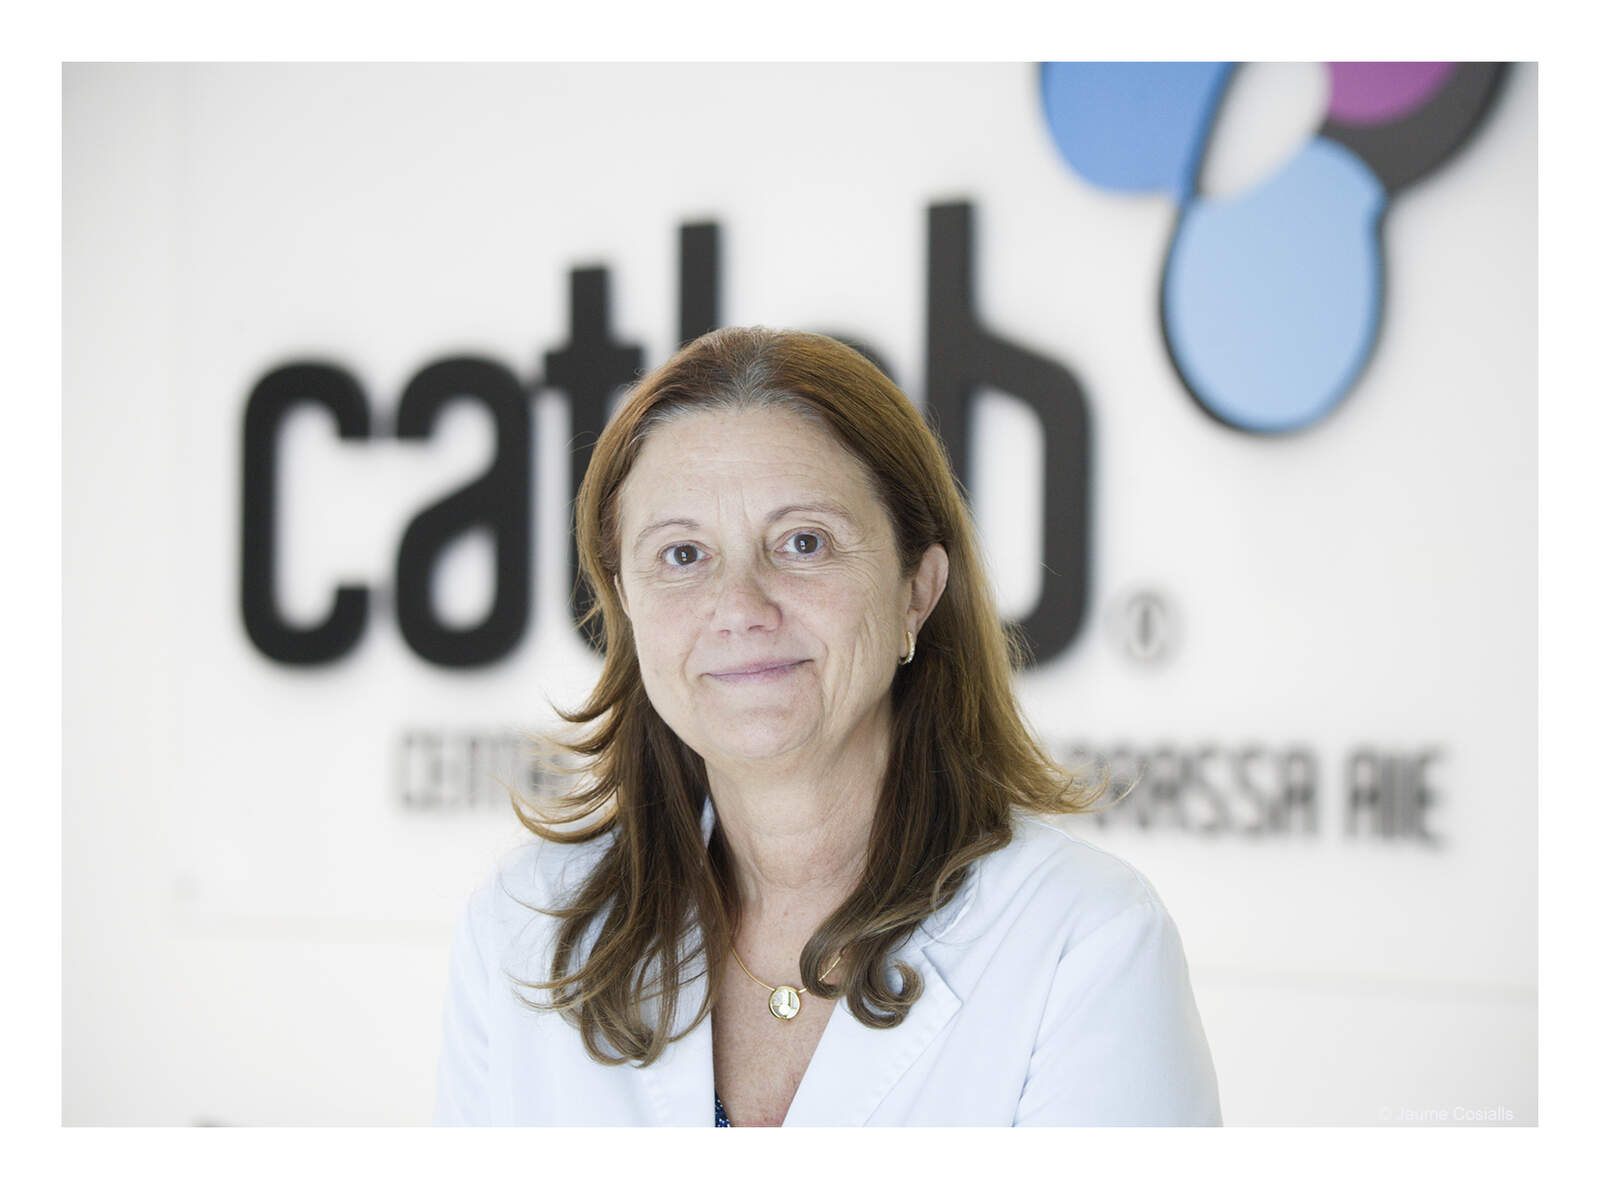 La Dra Imma Caballé, directora del laboratori Catlab